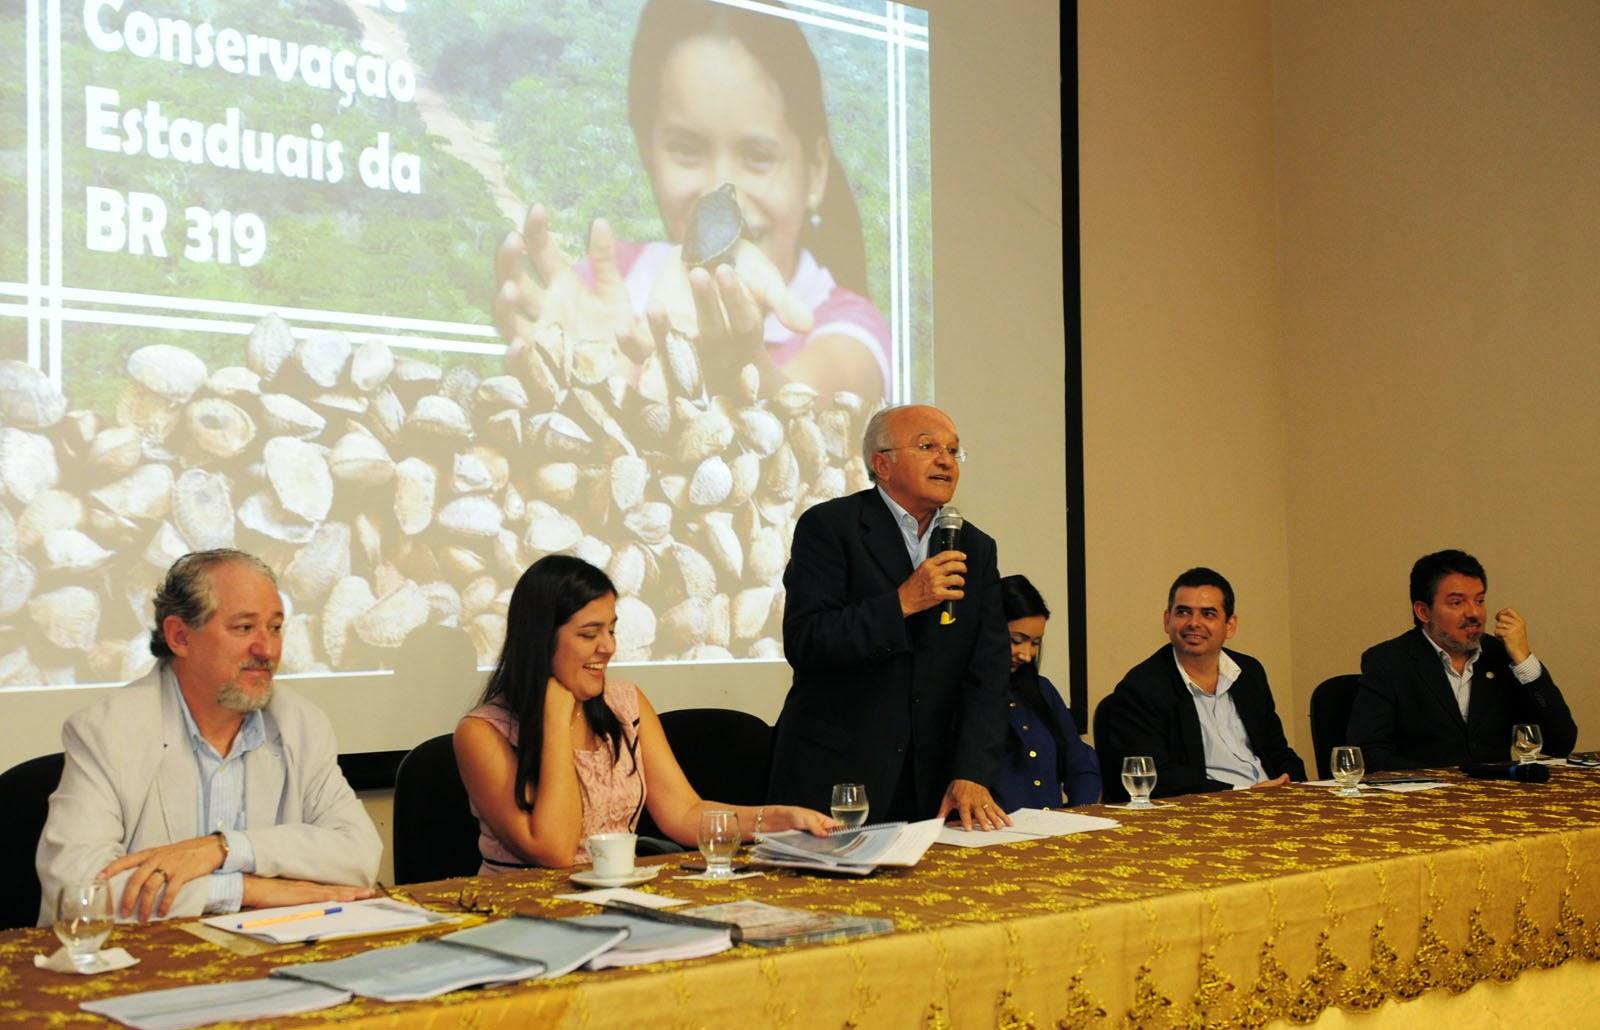 FOTO: ROBERTO CARLOS/AGECOM